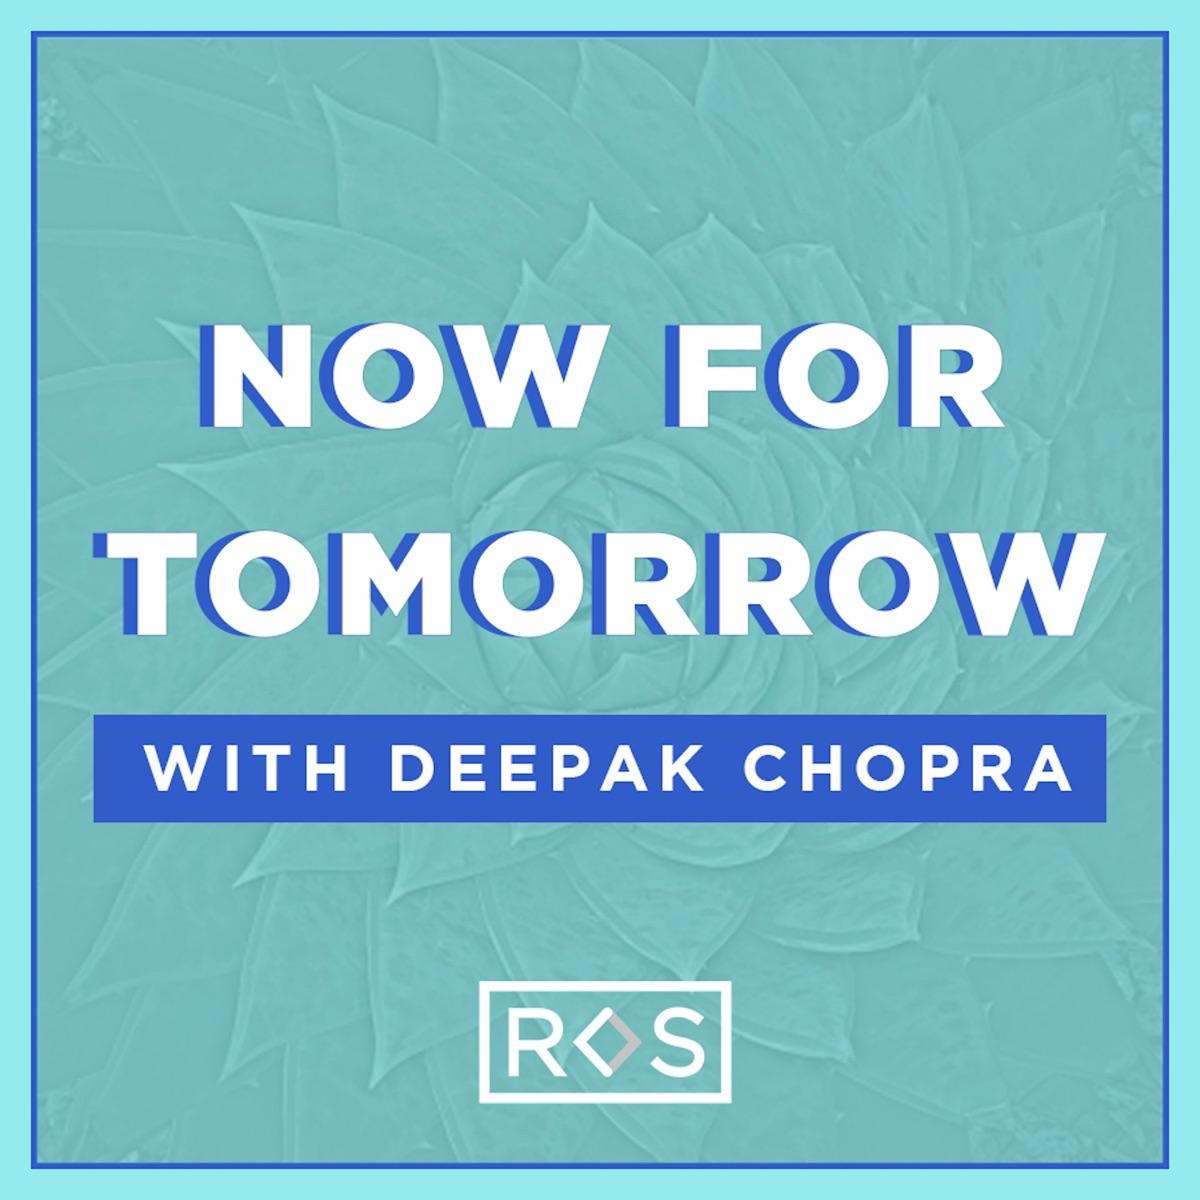 Now For Tomorrow with Deepak Chopra